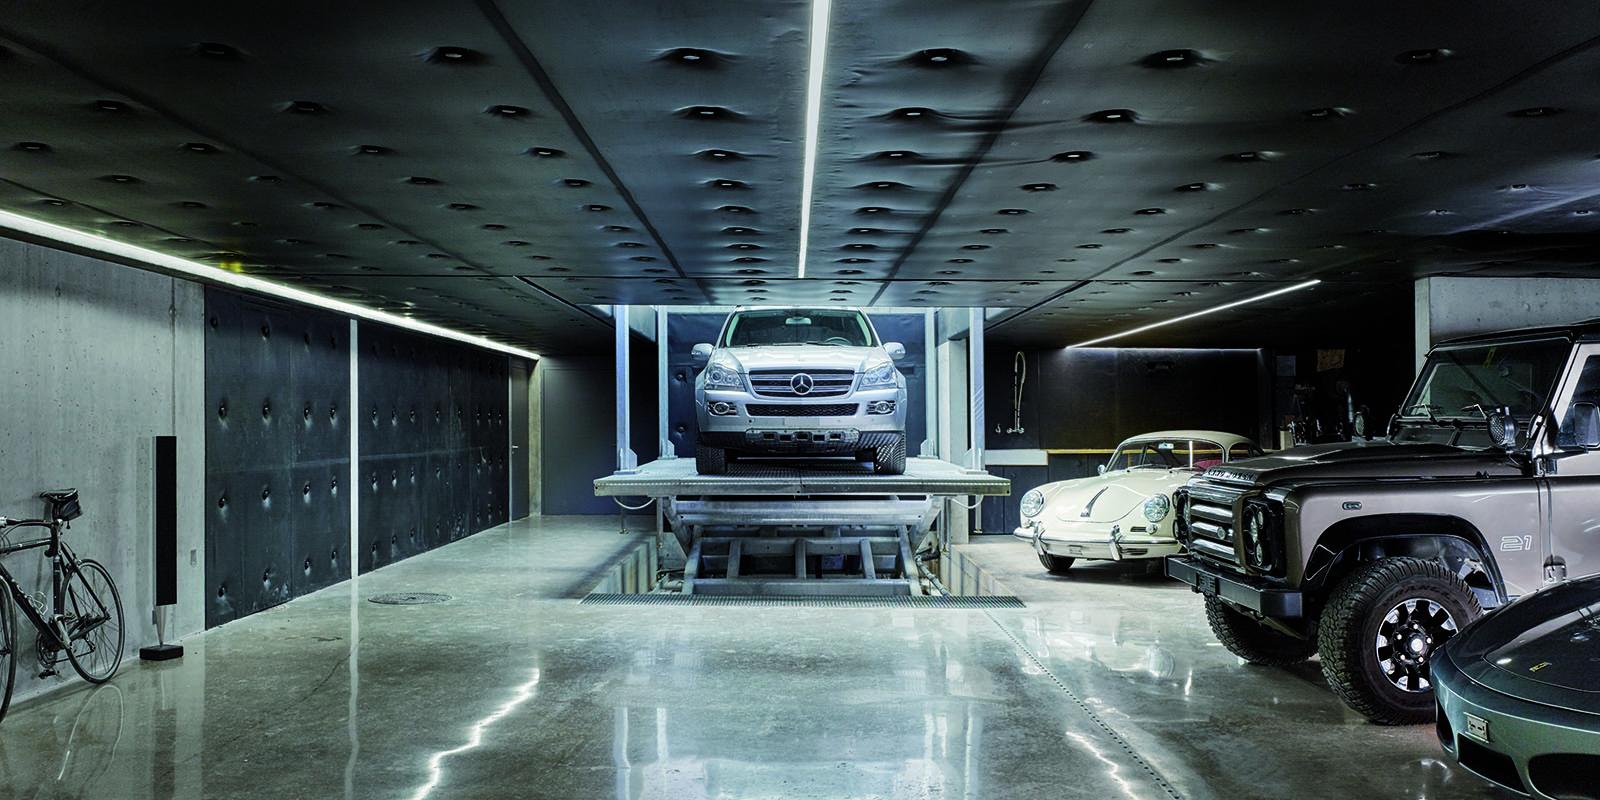 CARDOK Carlift, The secret car park, autolift, lift, auto's, mercedes, porche, volvo, automatisch